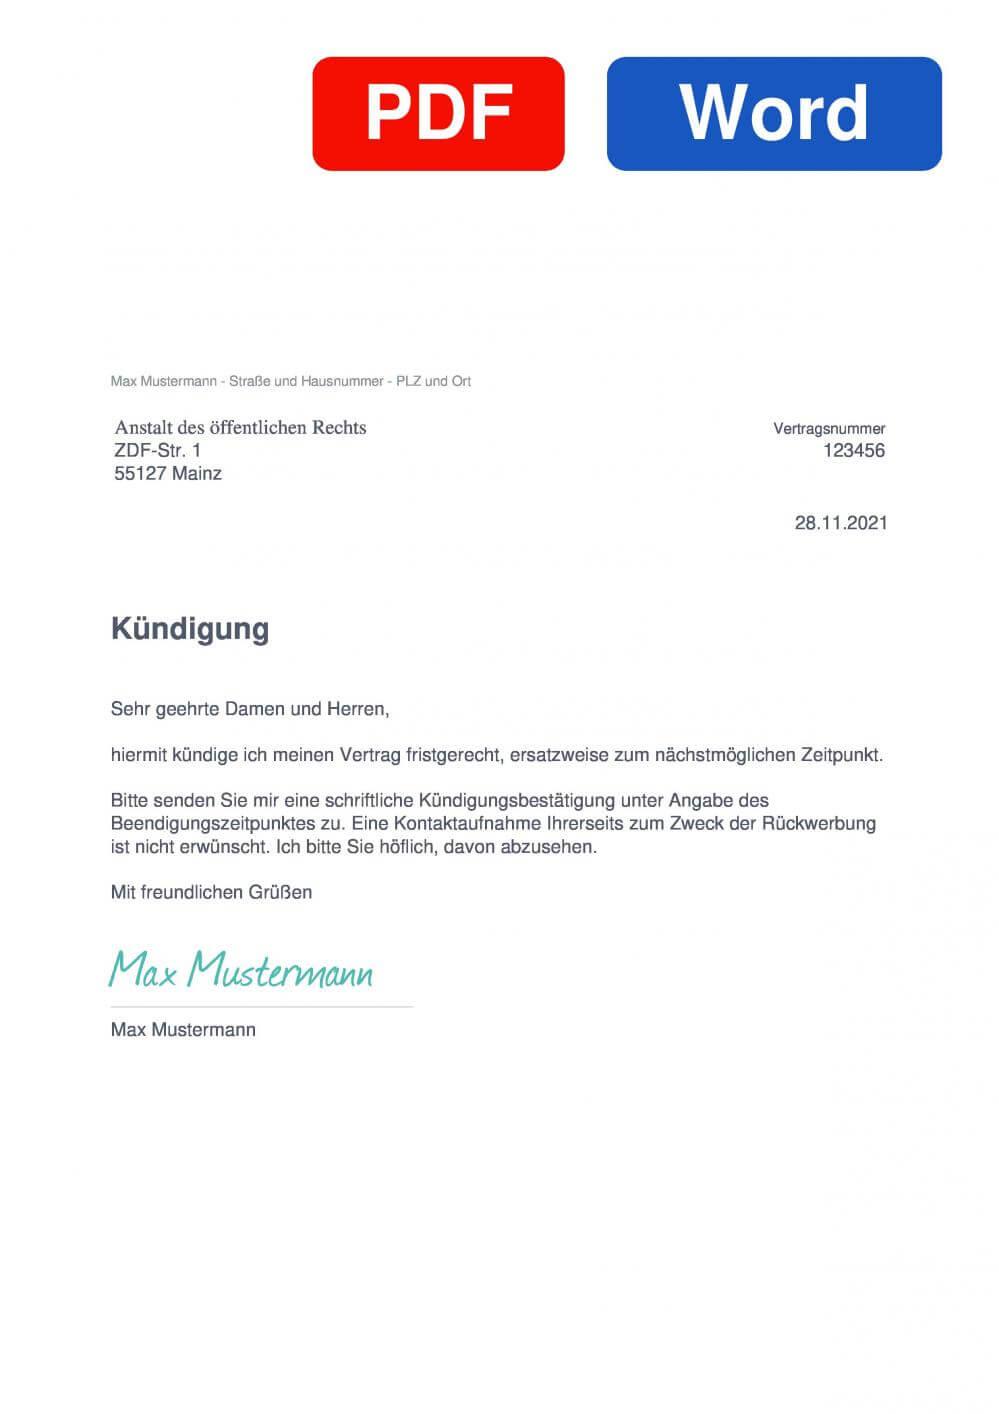 ZDF Muster Vorlage für Kündigungsschreiben